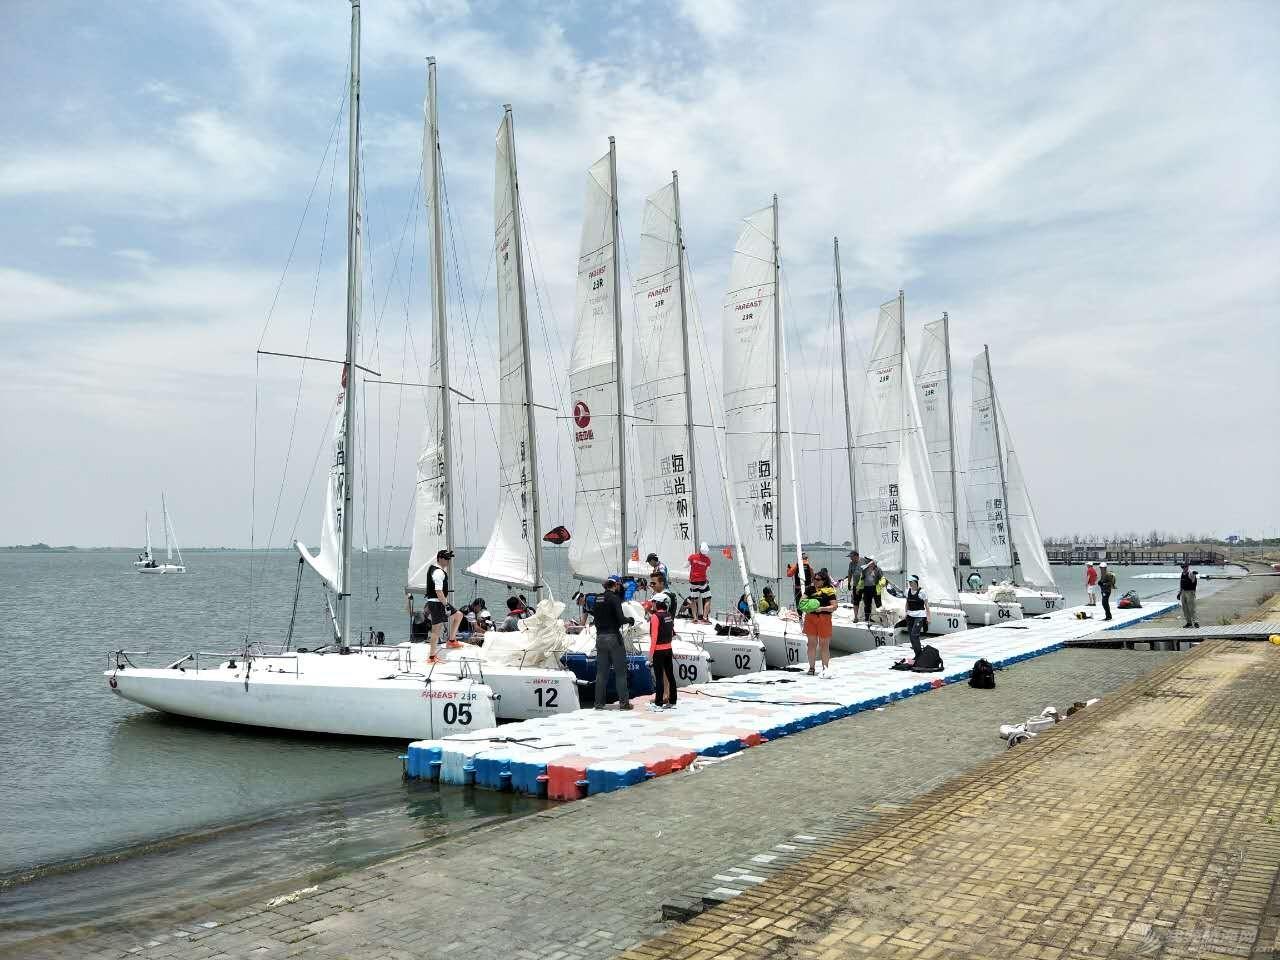 会员,联赛,我们,可惜,岸边 上海海尚帆友俱乐部会员联赛 登船 103929r772sb9zr598vms5